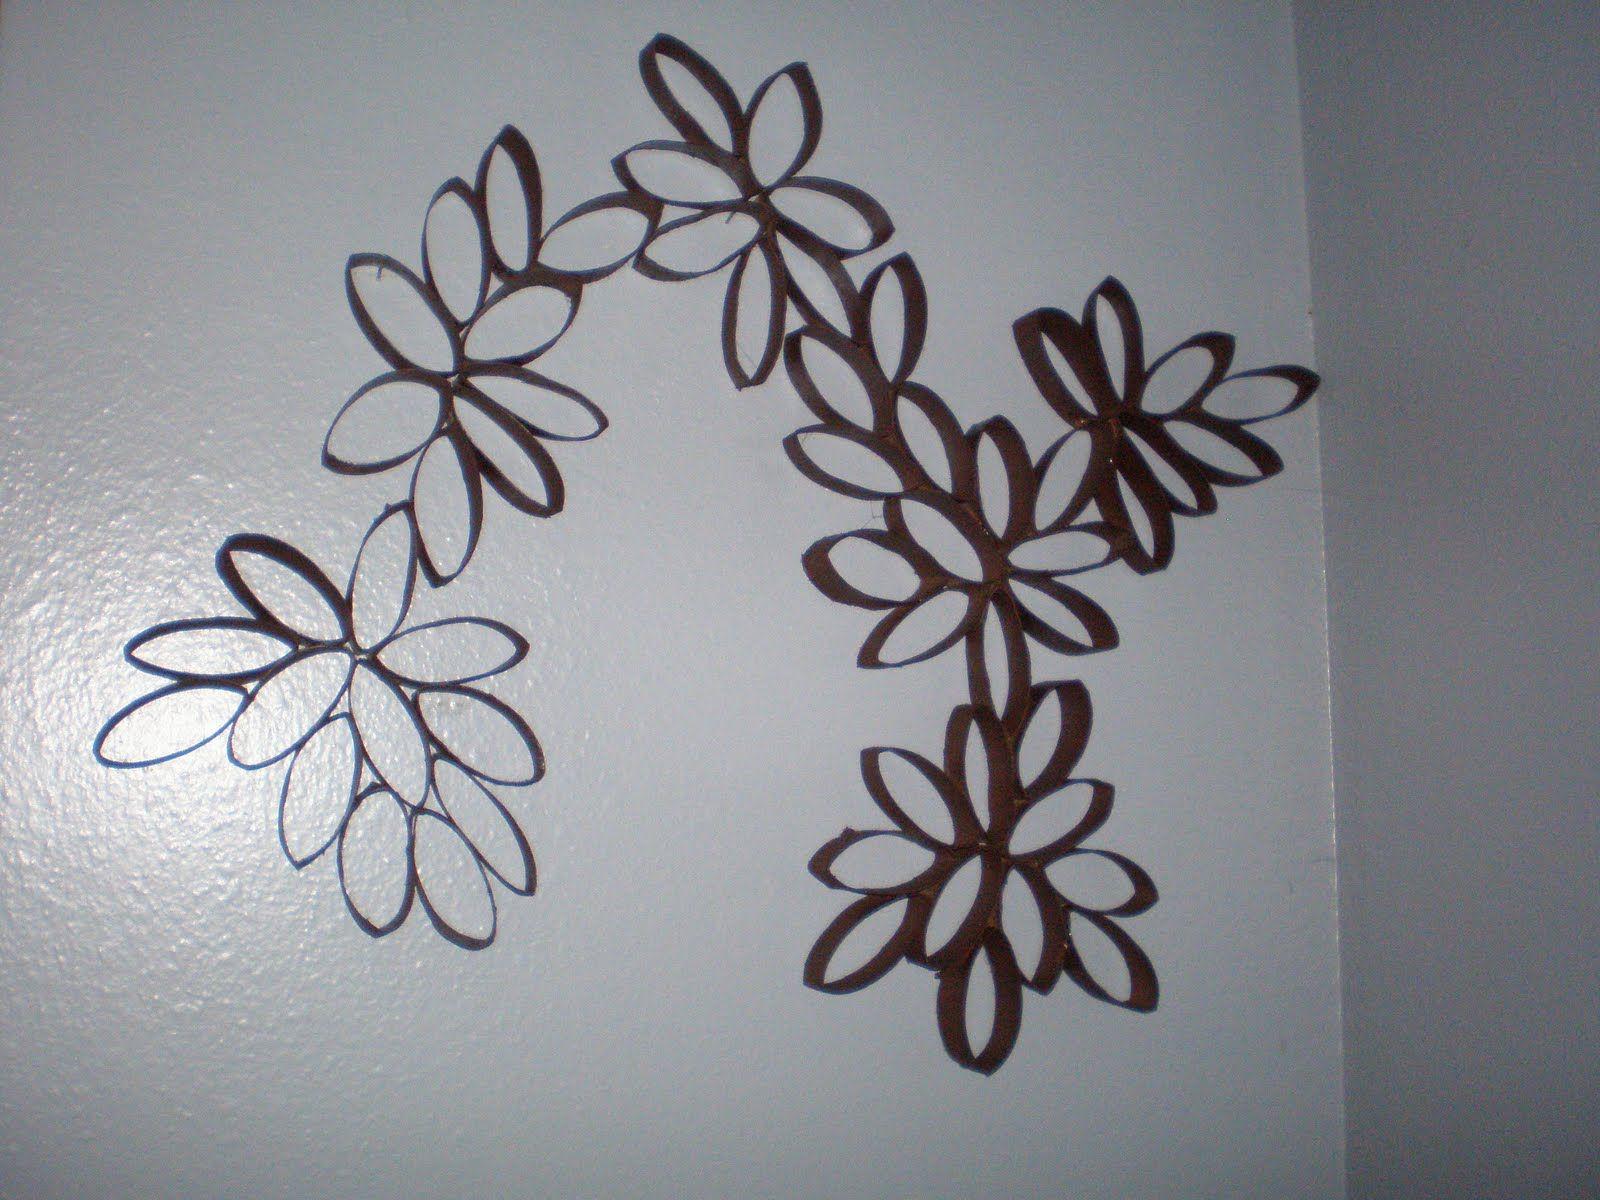 Wall art flowers made from toilet paper rolls sunshine to my soul wall art flowers made from toilet paper rolls sunshine to my soul toilet paper roll wall art mightylinksfo